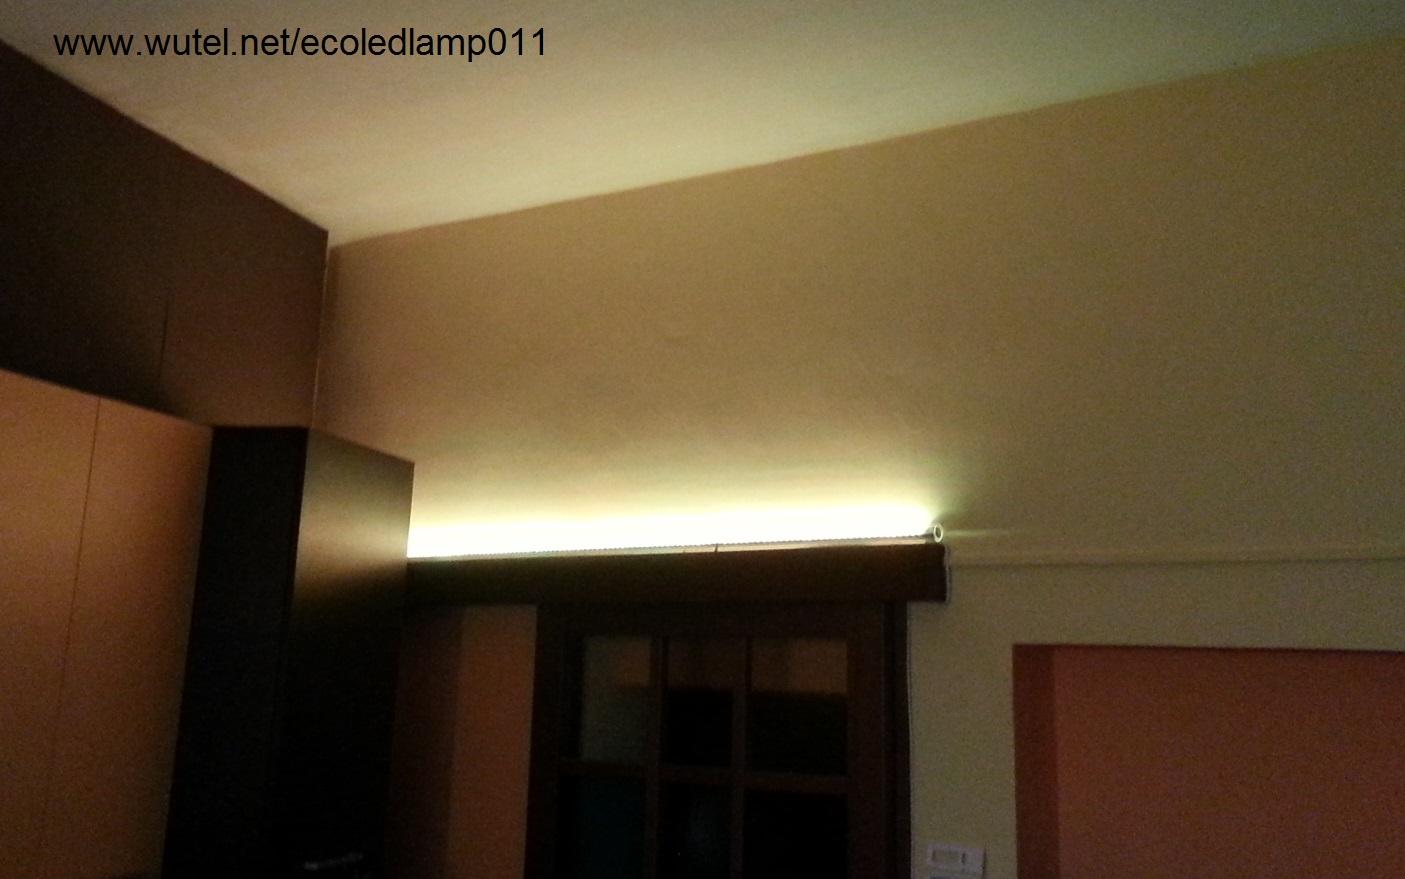 Accensione Lampadario Con Telecomando www.wutel/ecoledlamp011